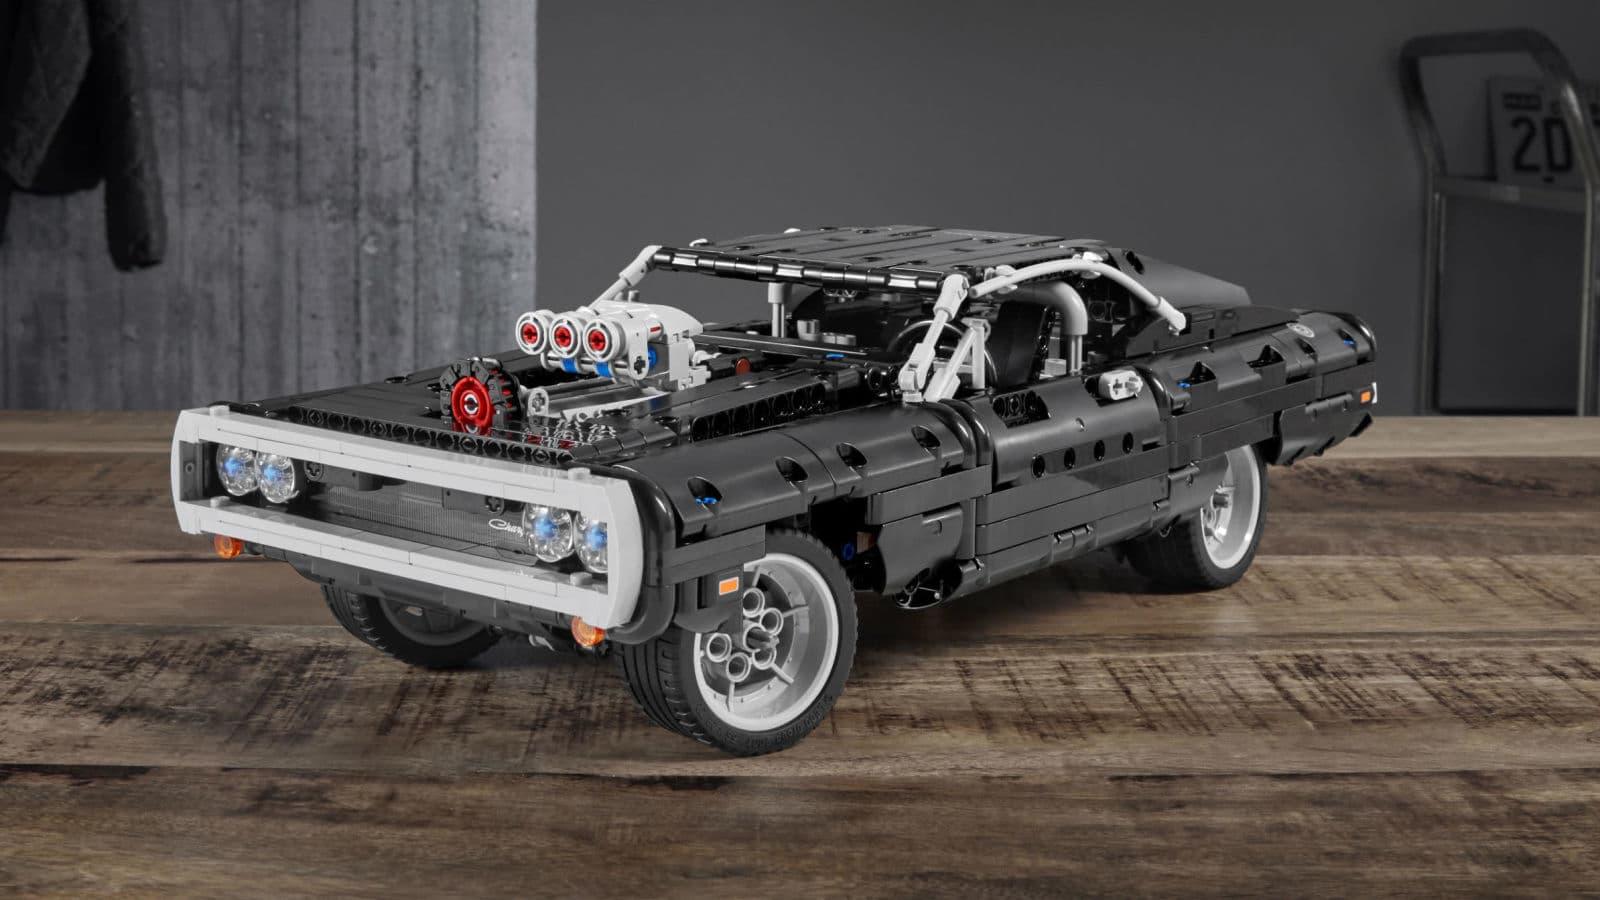 Velozes E Furiosos Entra Para A Familia Lego Com O Dodge Charger De Dominic Toretto